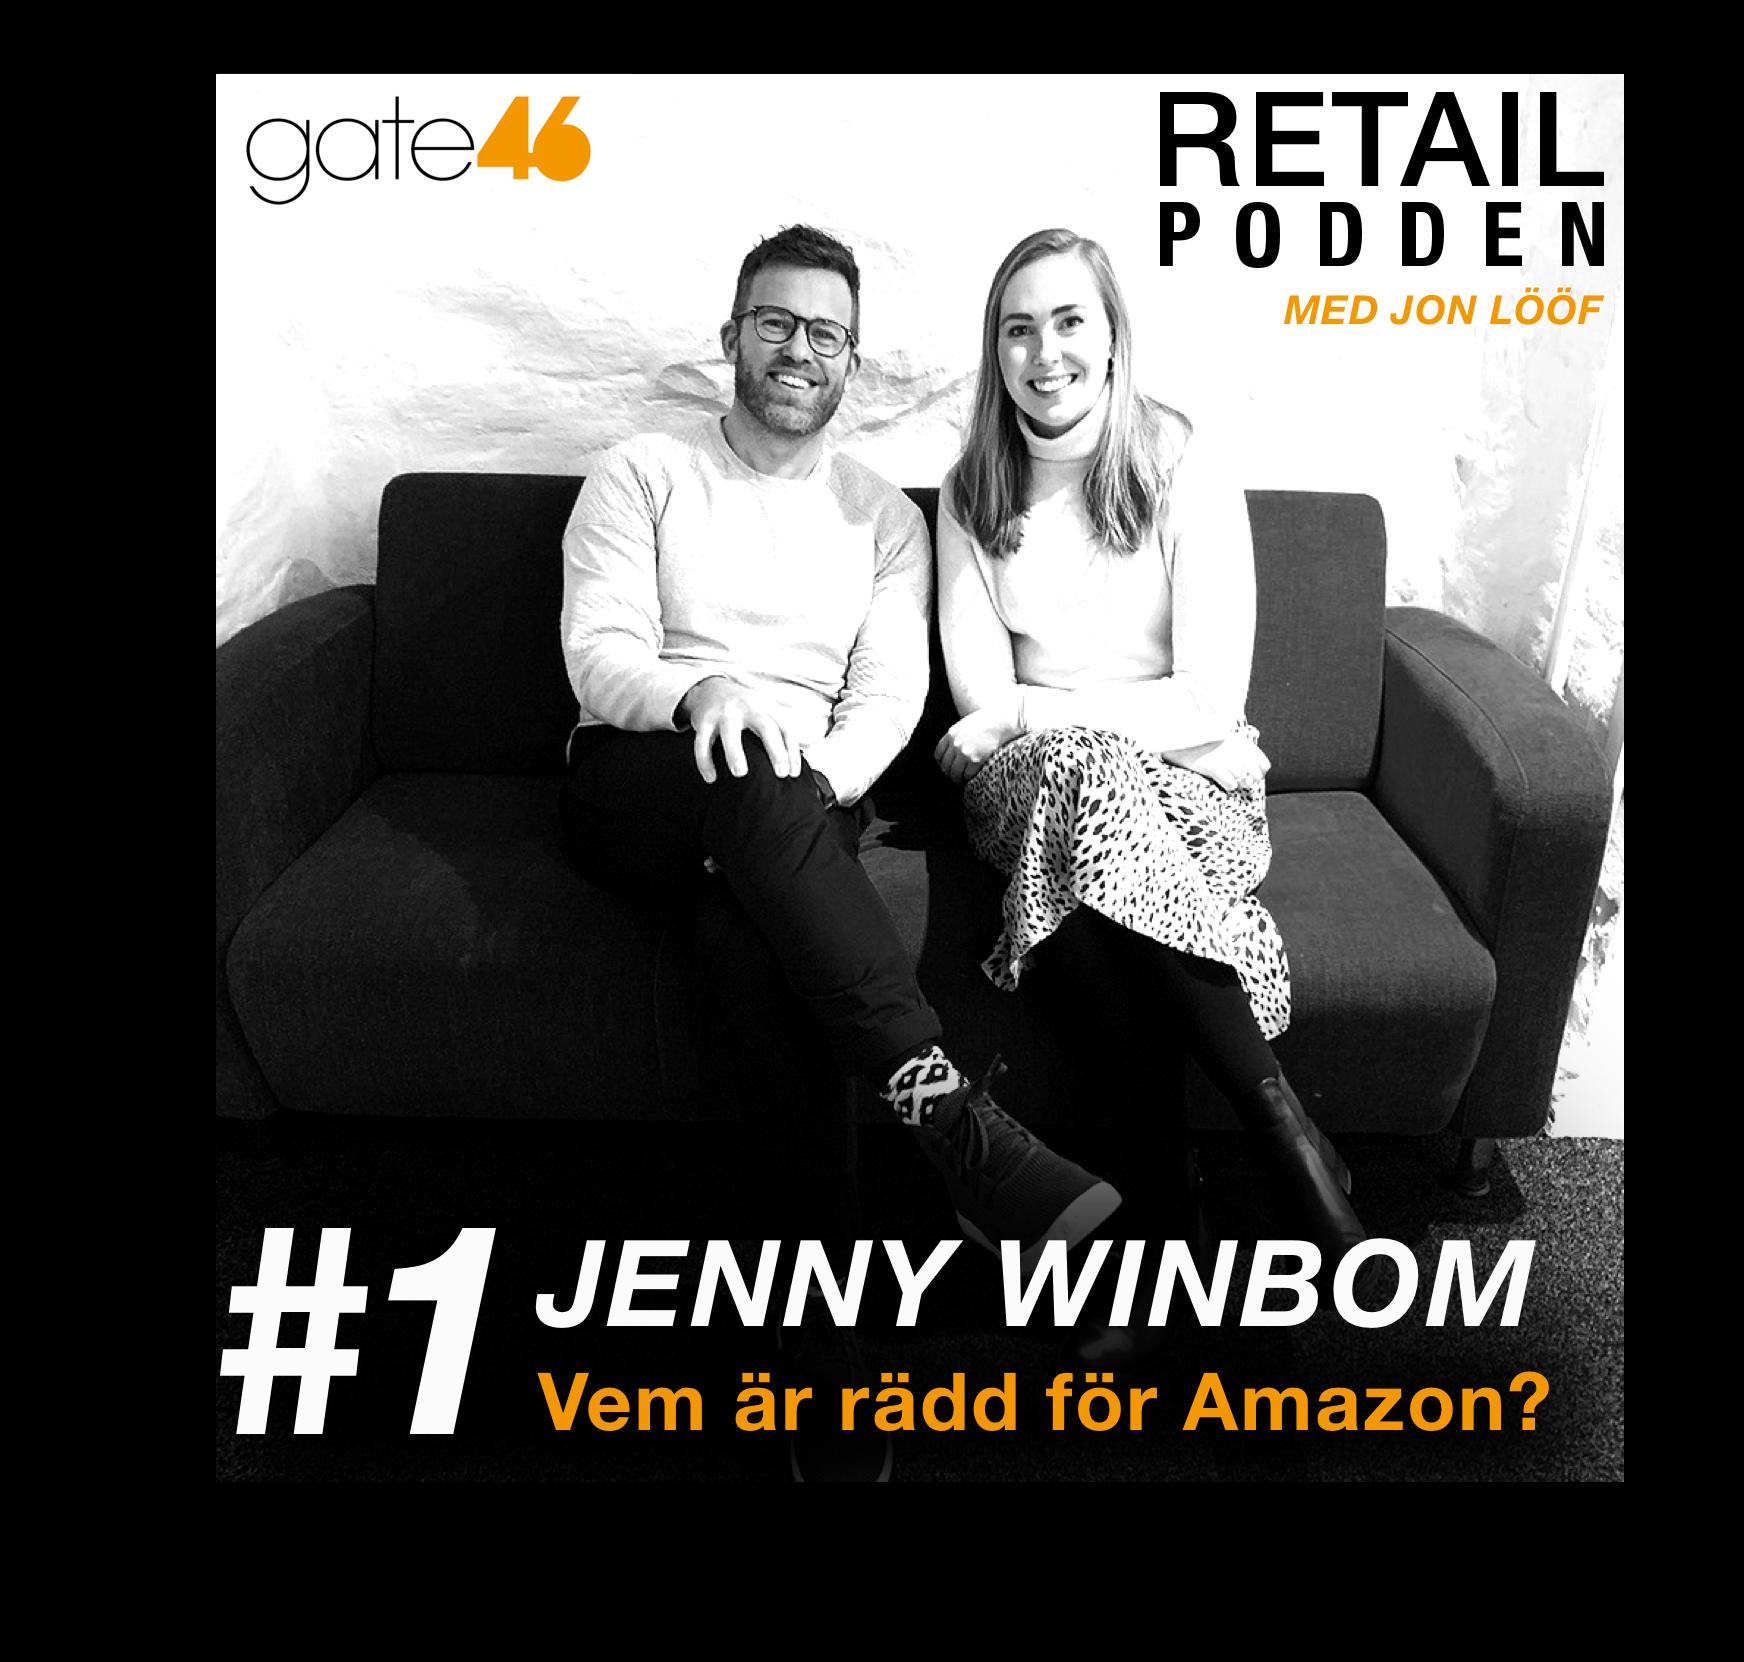 1. Jenny Winbom - Vem är rädd för Amazon?